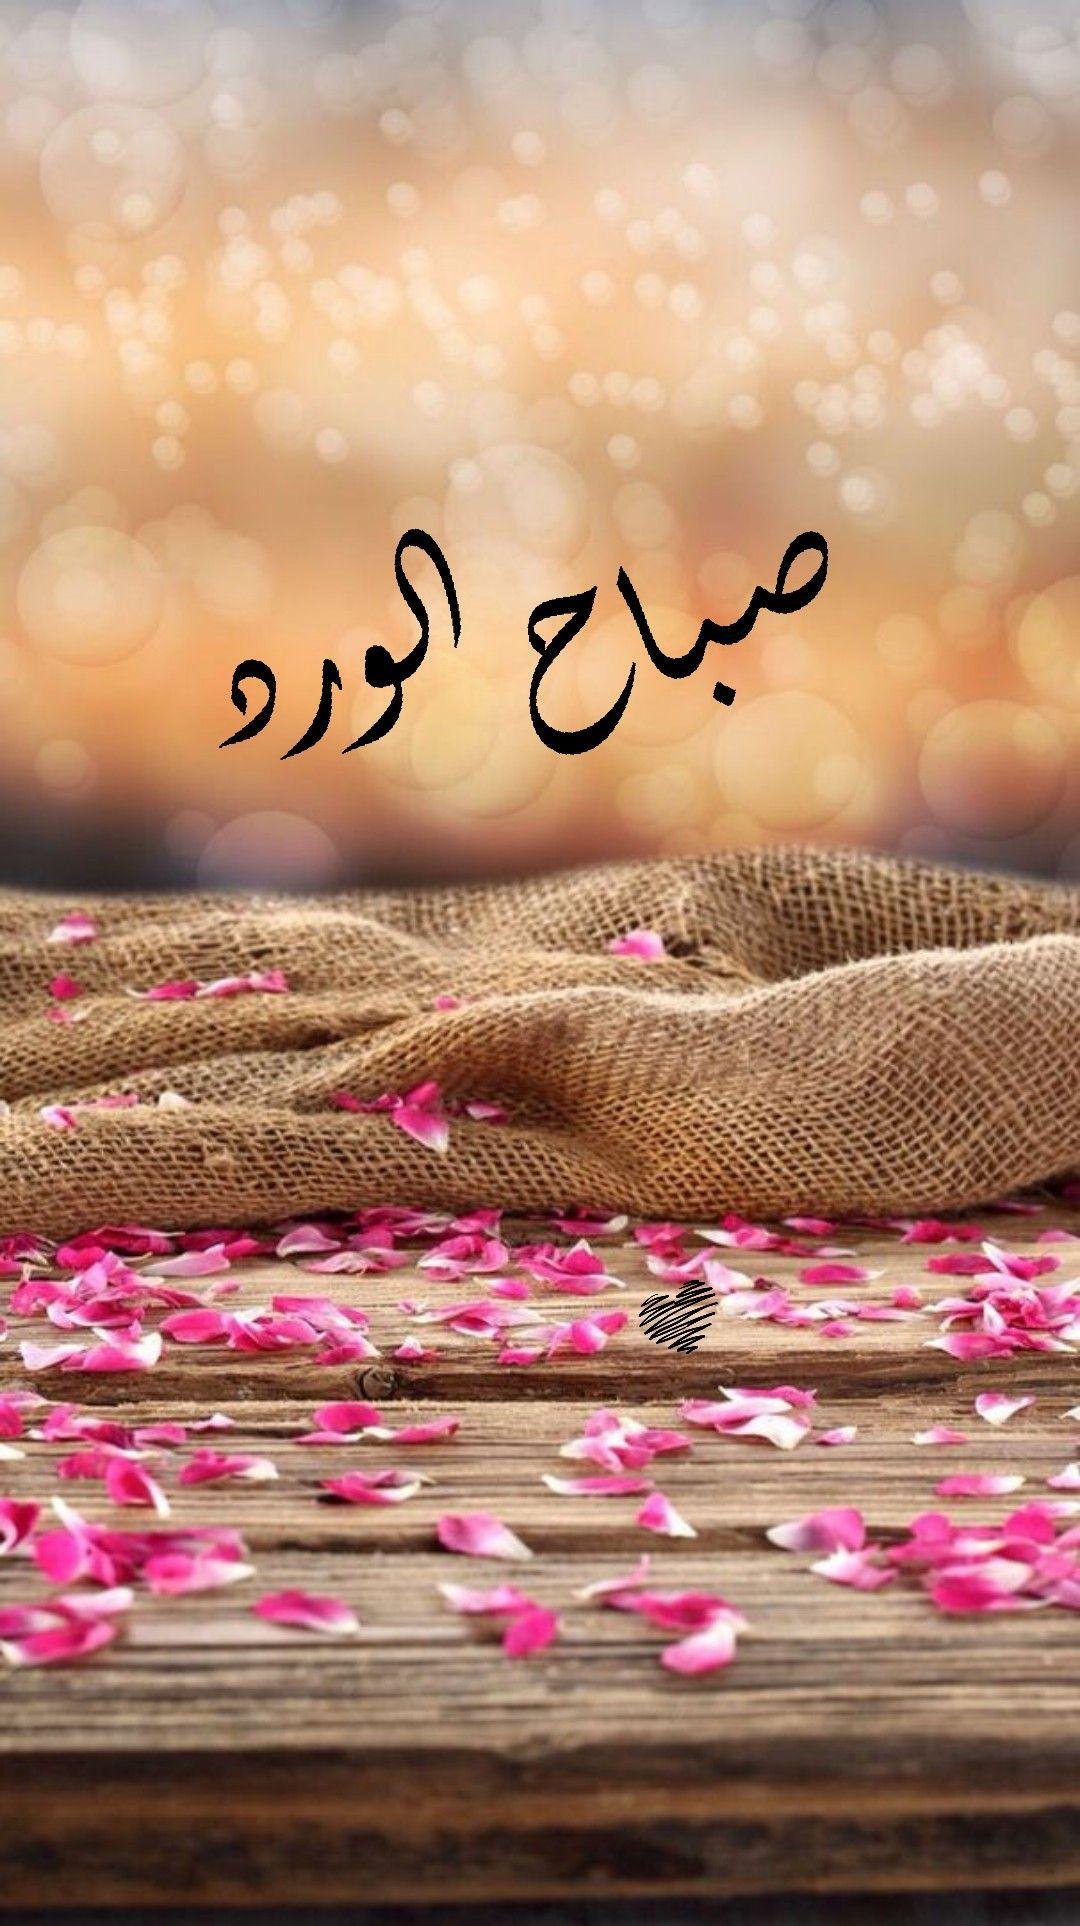 10 رسائل صباح النور رومانسية للحبيب الغالي In 2020